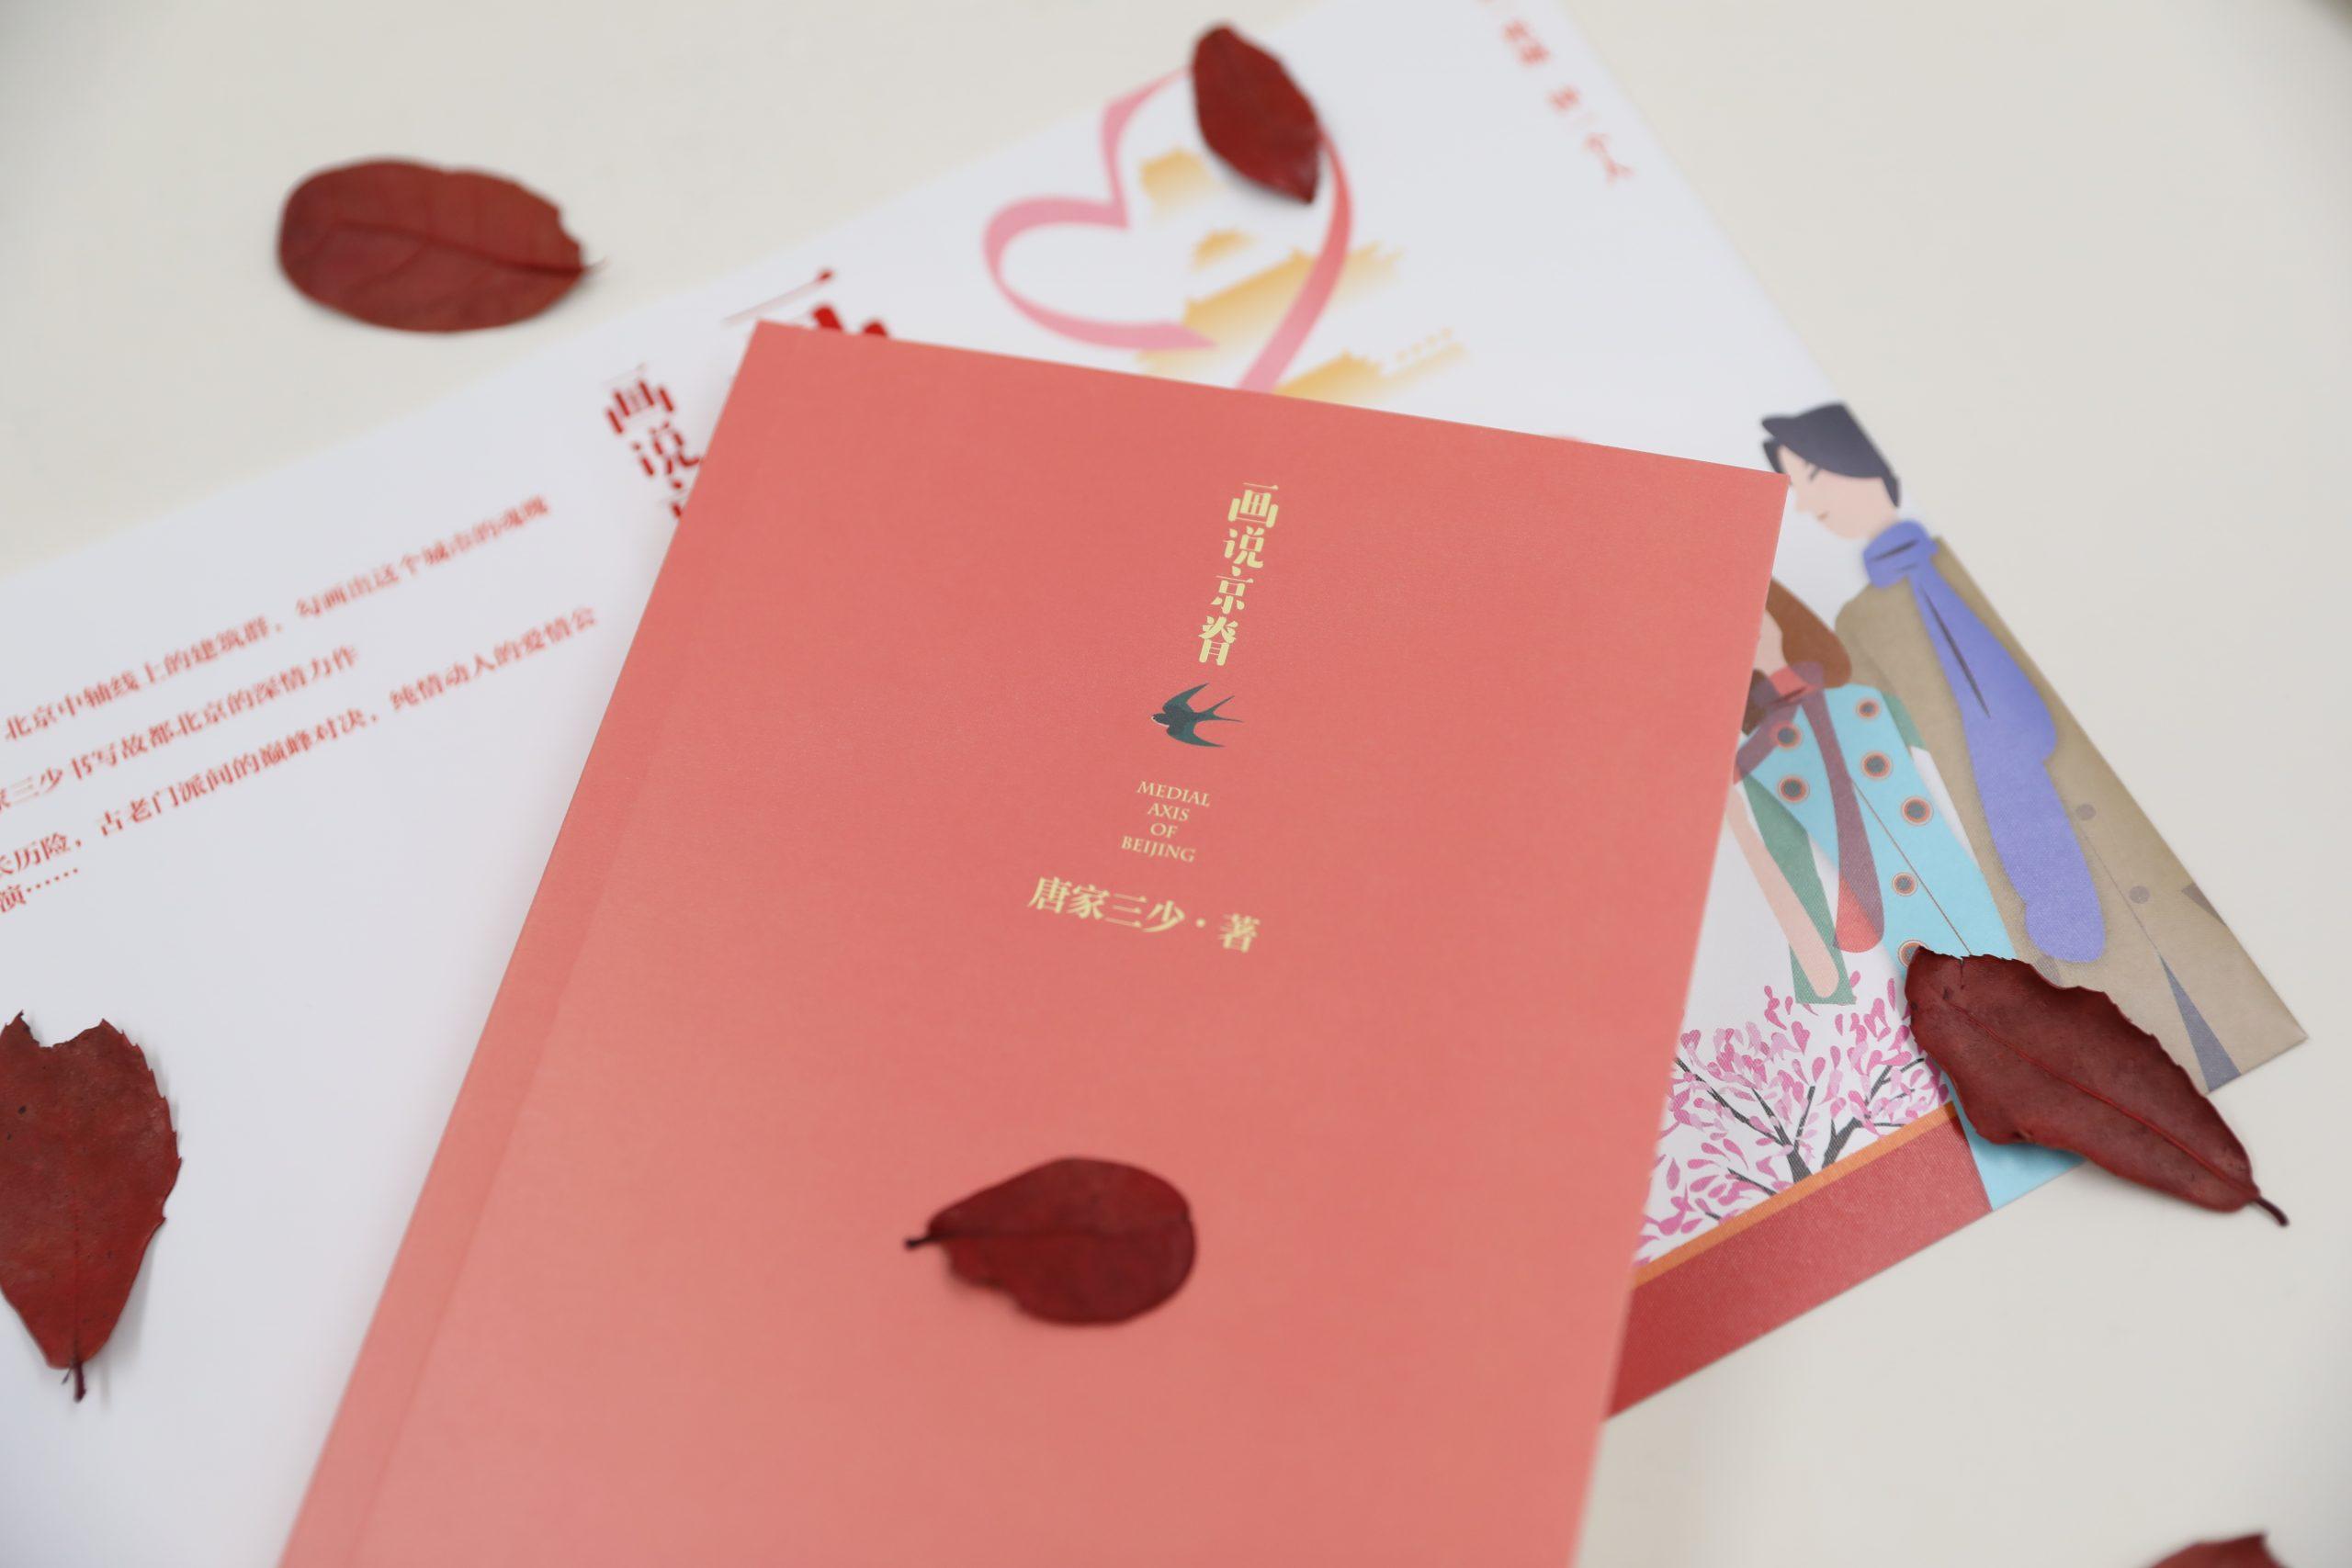 唐家三少全新力作《画说京脊》由人文社出版,聚焦陌生而神秘的文物修复师-出版人杂志官网